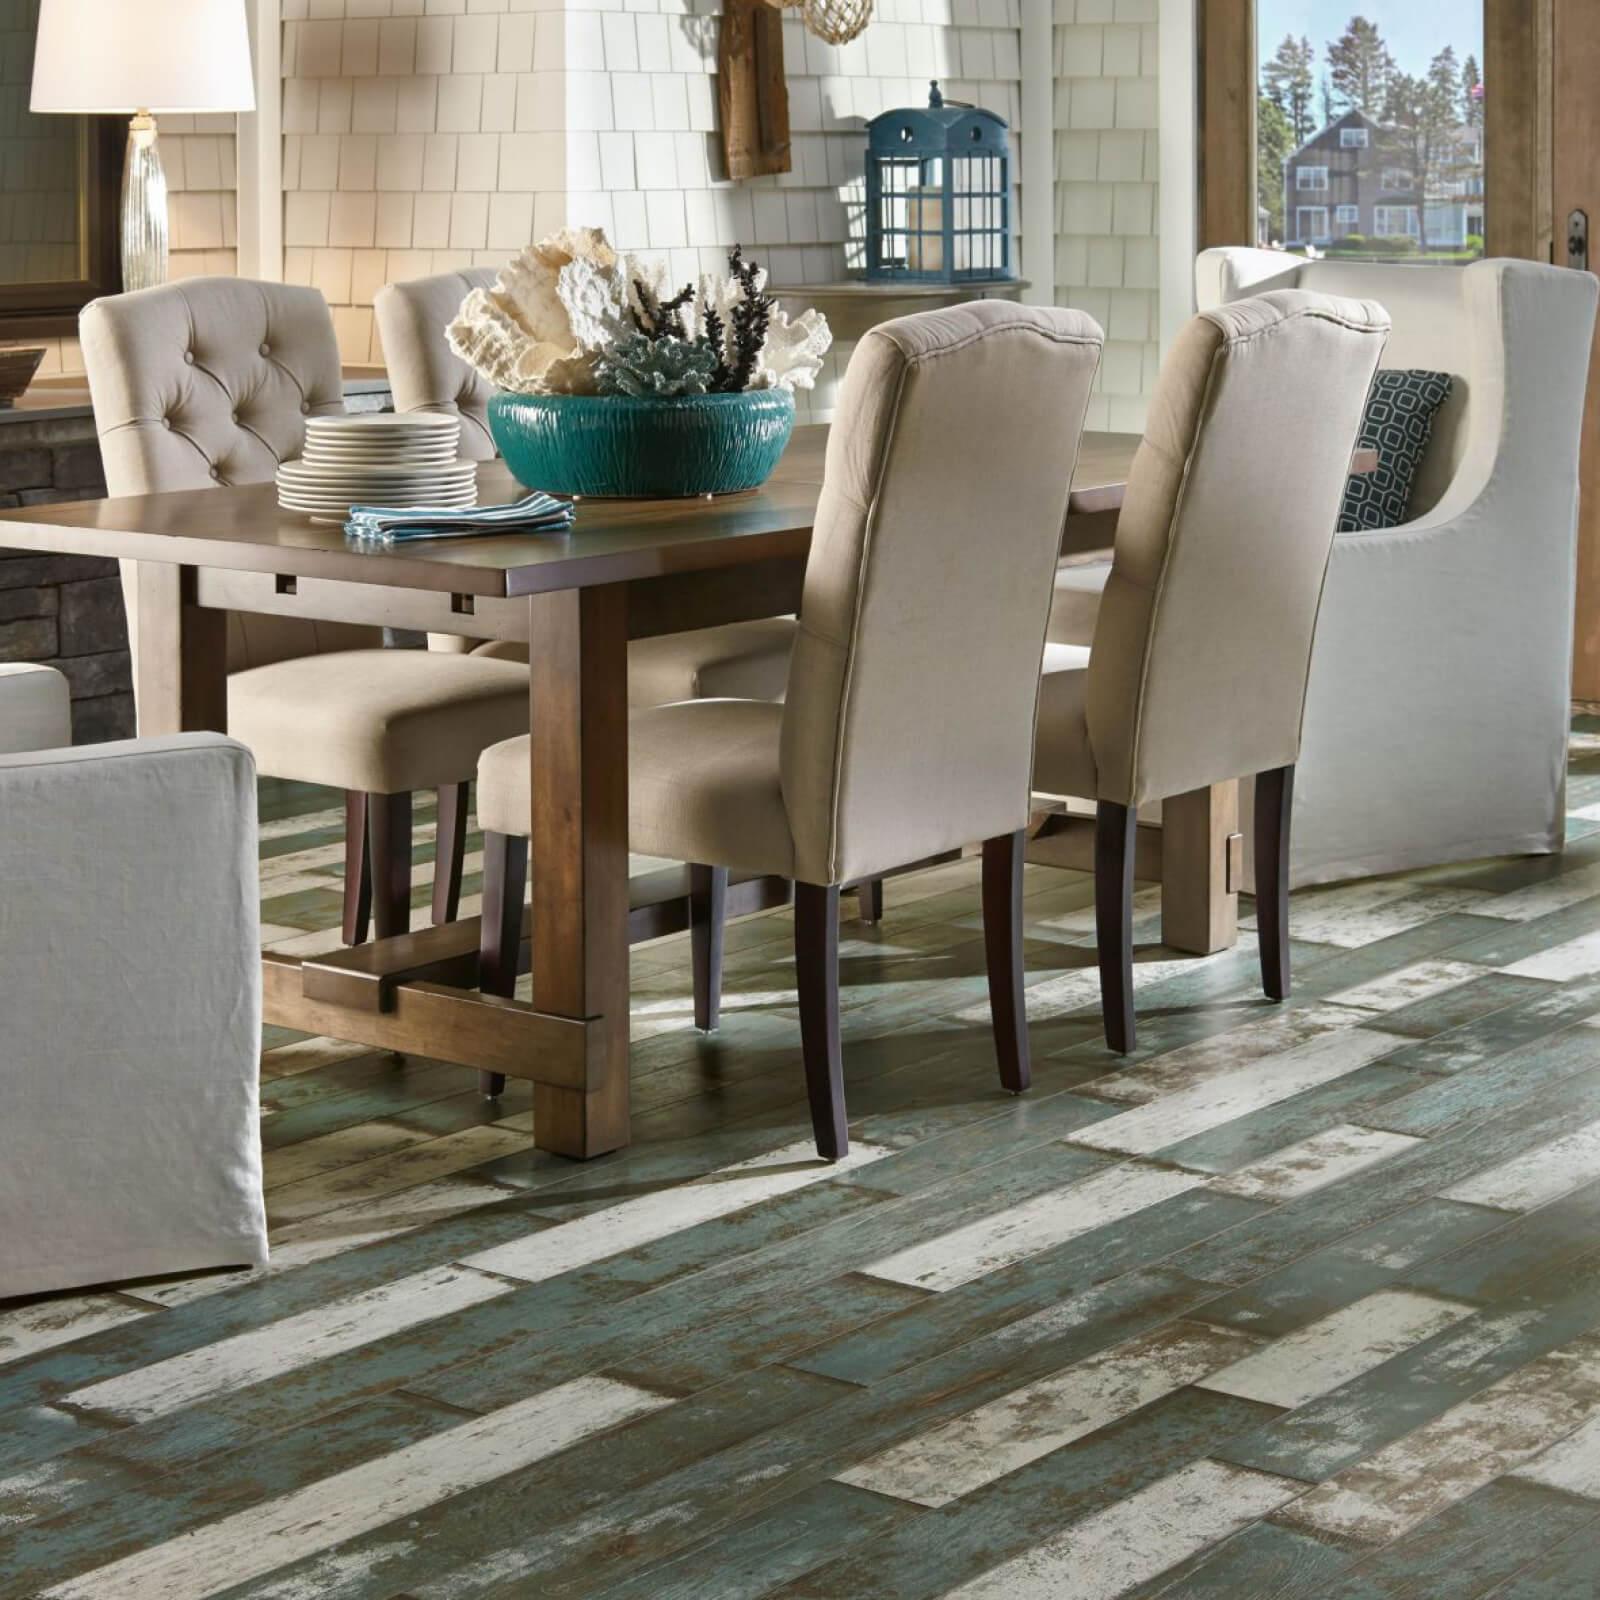 Laminate flooring in dining area | Custom Floors